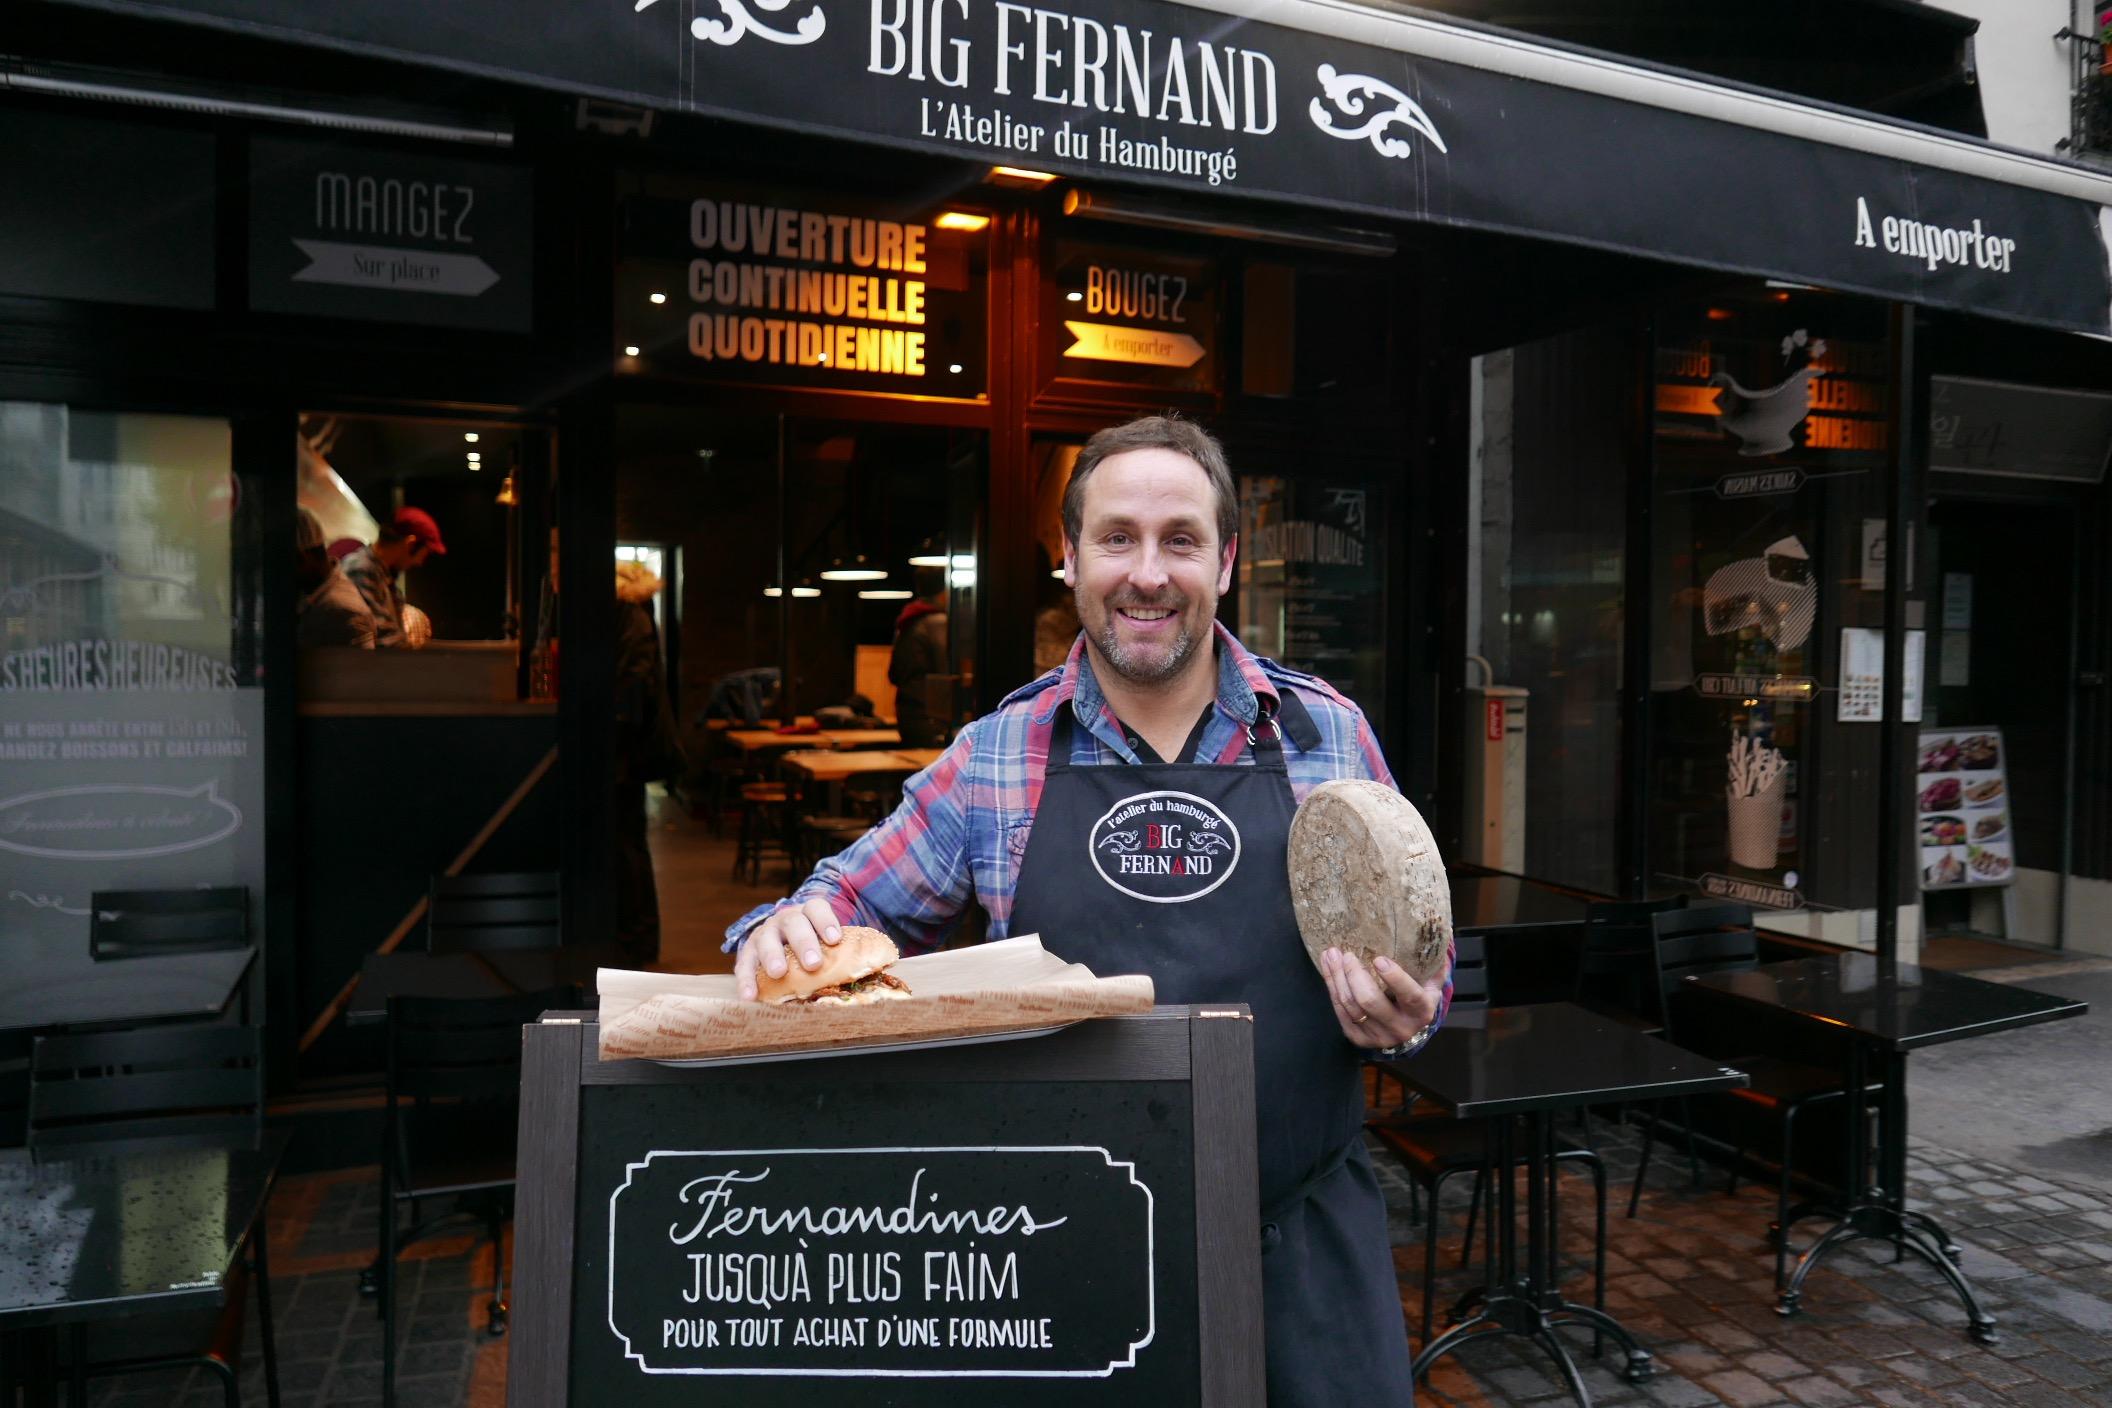 big fernand restaurant paris 1er big fernand sur la. Black Bedroom Furniture Sets. Home Design Ideas